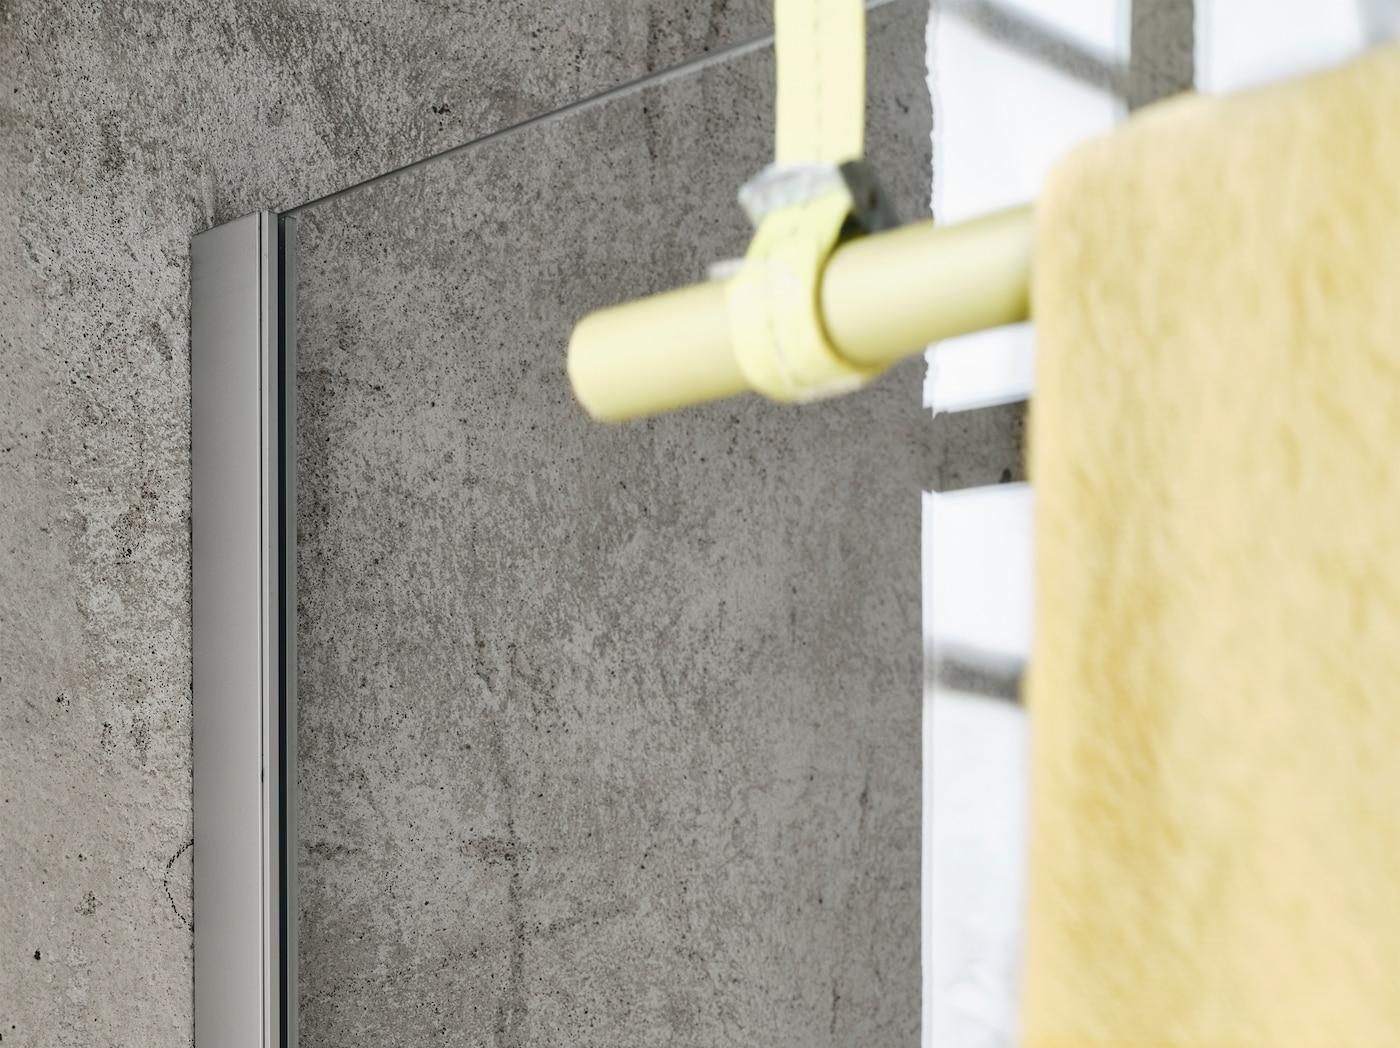 Nahaufnahme einer OPPEJEN Duschwand, die an einer grauen Betonwand befestigt wurde. An ihr hängt eine gelbe Handtuchstange mit einem gelben Handtuch.